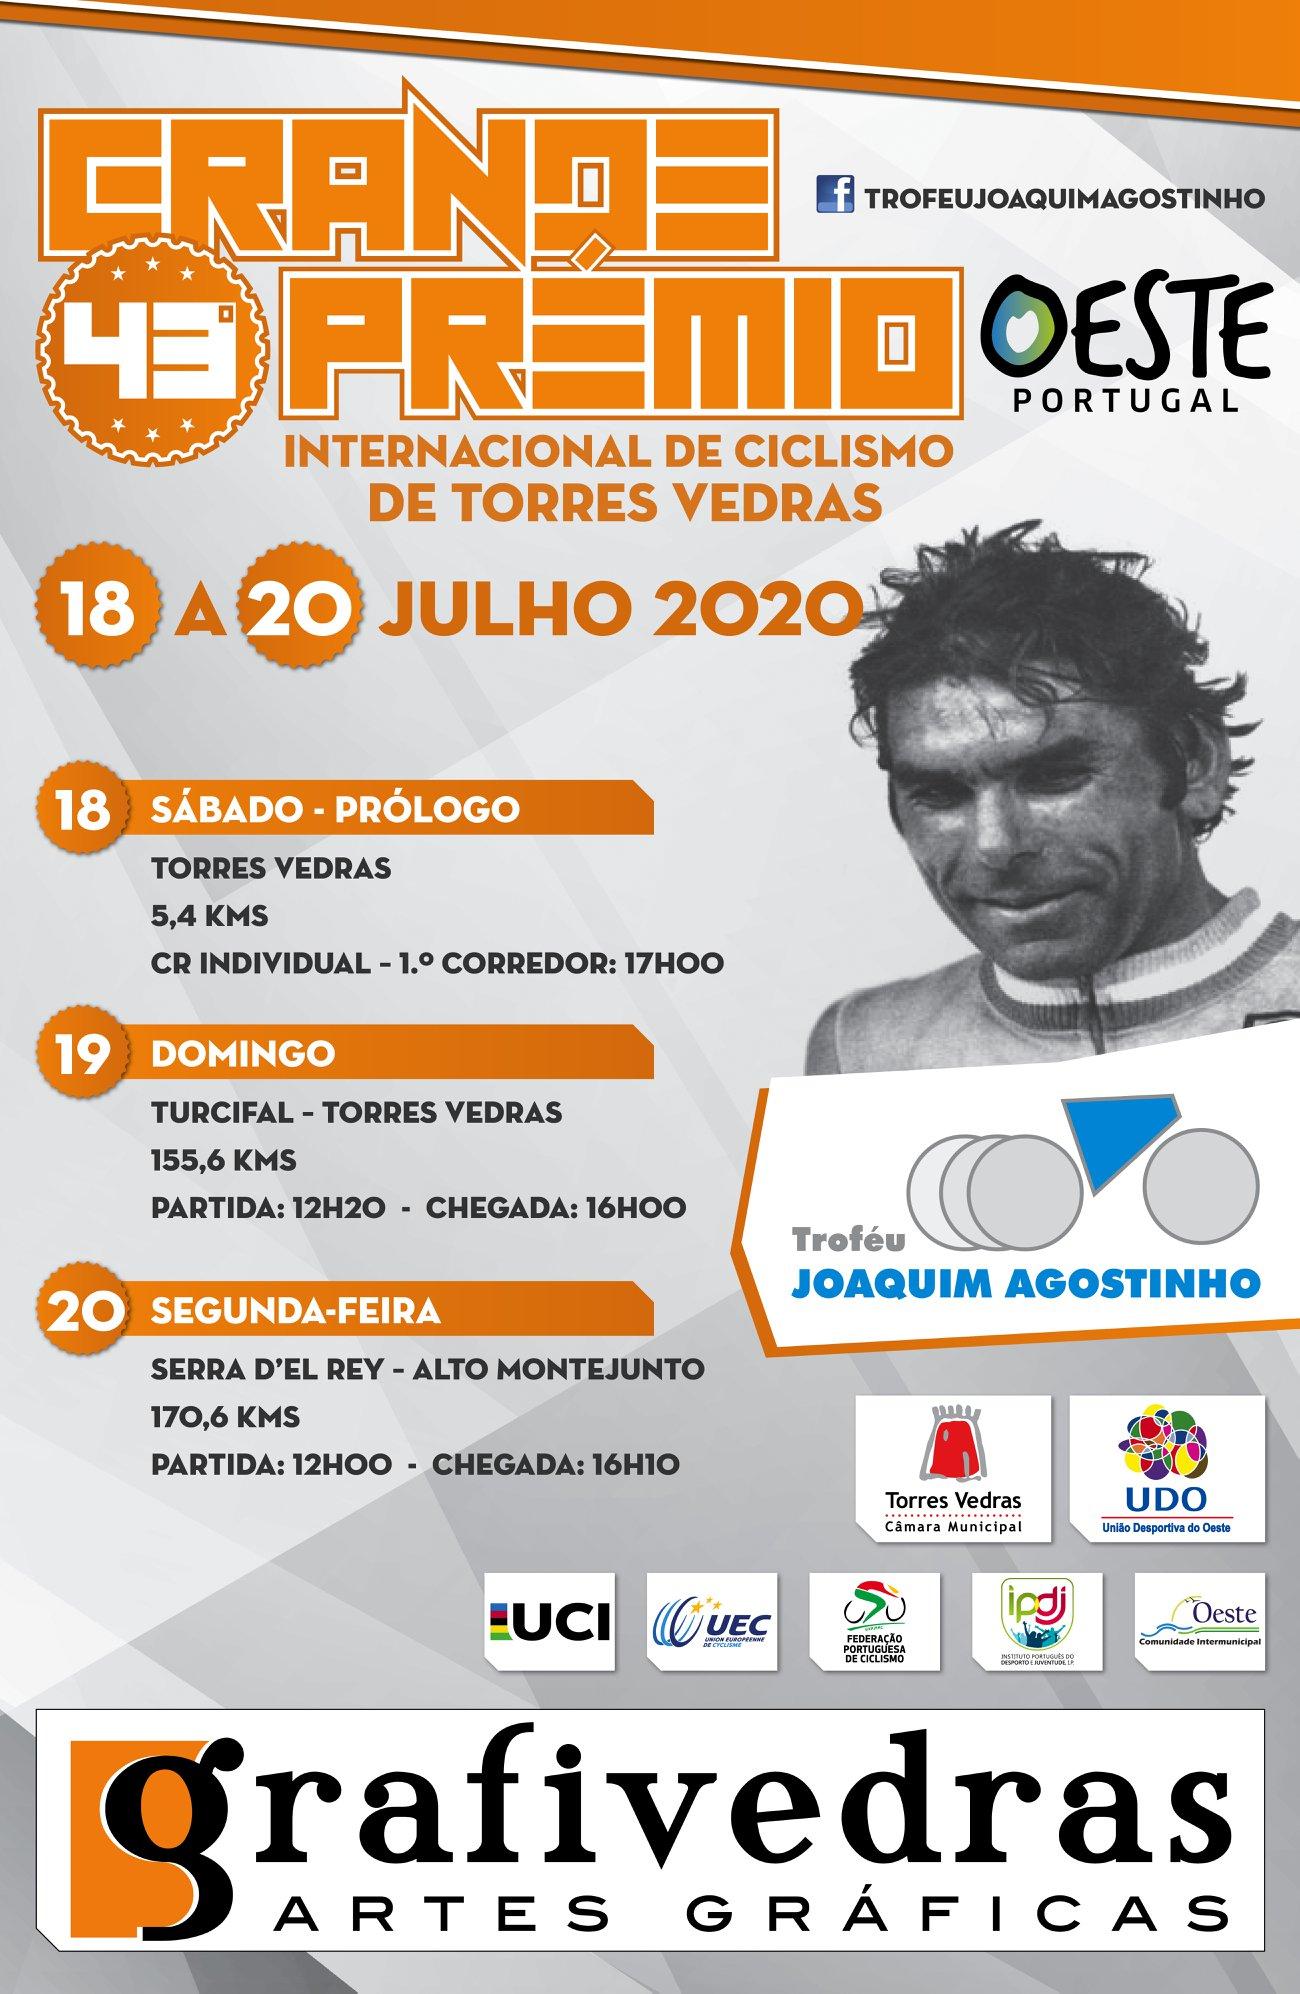 Percurso do Trofeu Joaquim Agostinho já é conhecido!